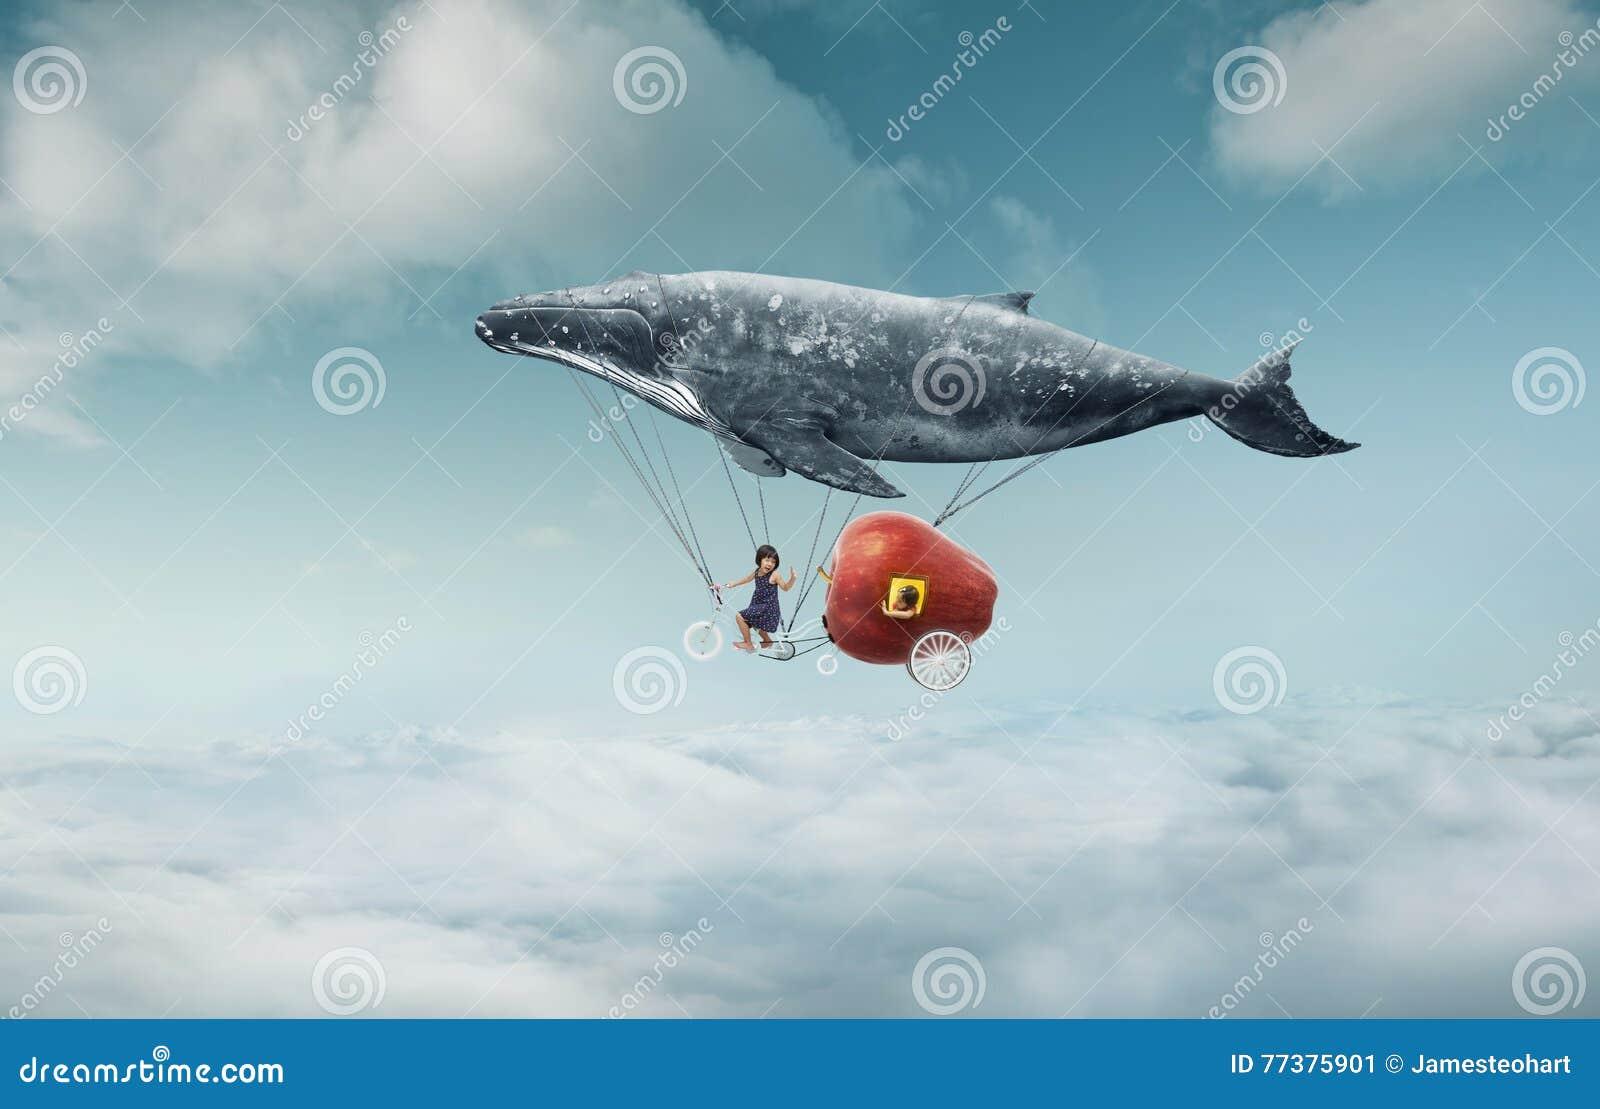 La niña tiene su sueño a viajar en el aire